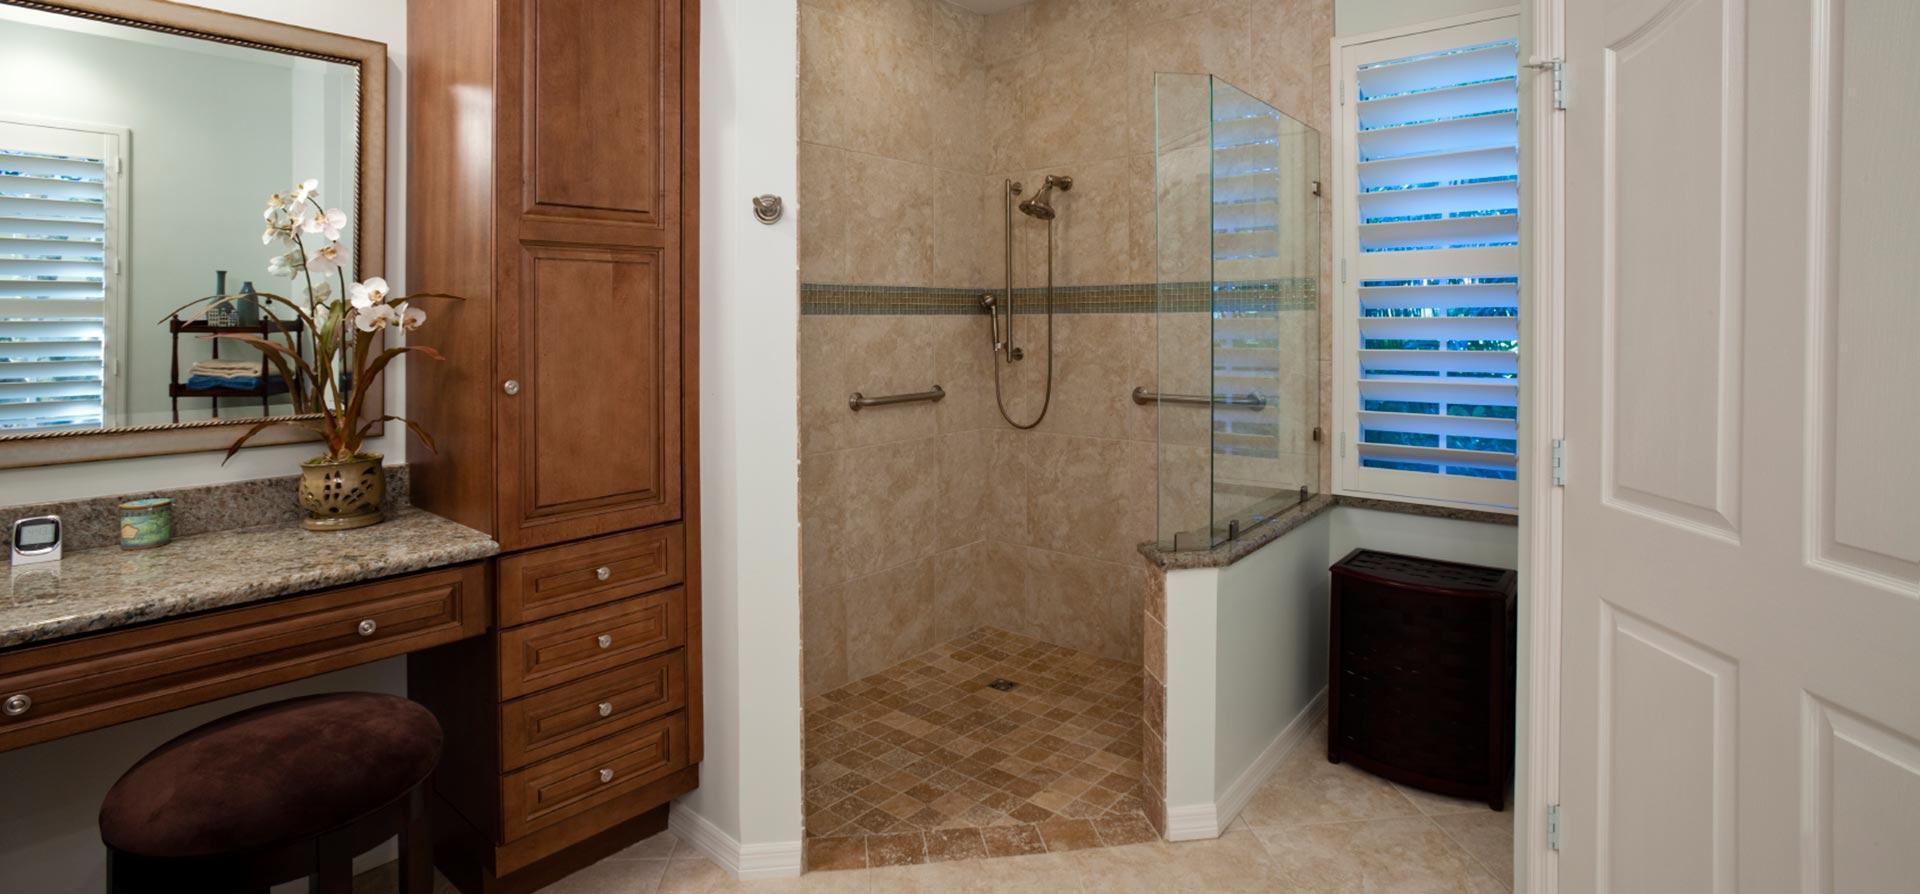 Bathroom Remodeling ServicesKitchen  Bathroom  Home Remodeling Design Build   Vision DBR. Home Remodeling Design. Home Design Ideas